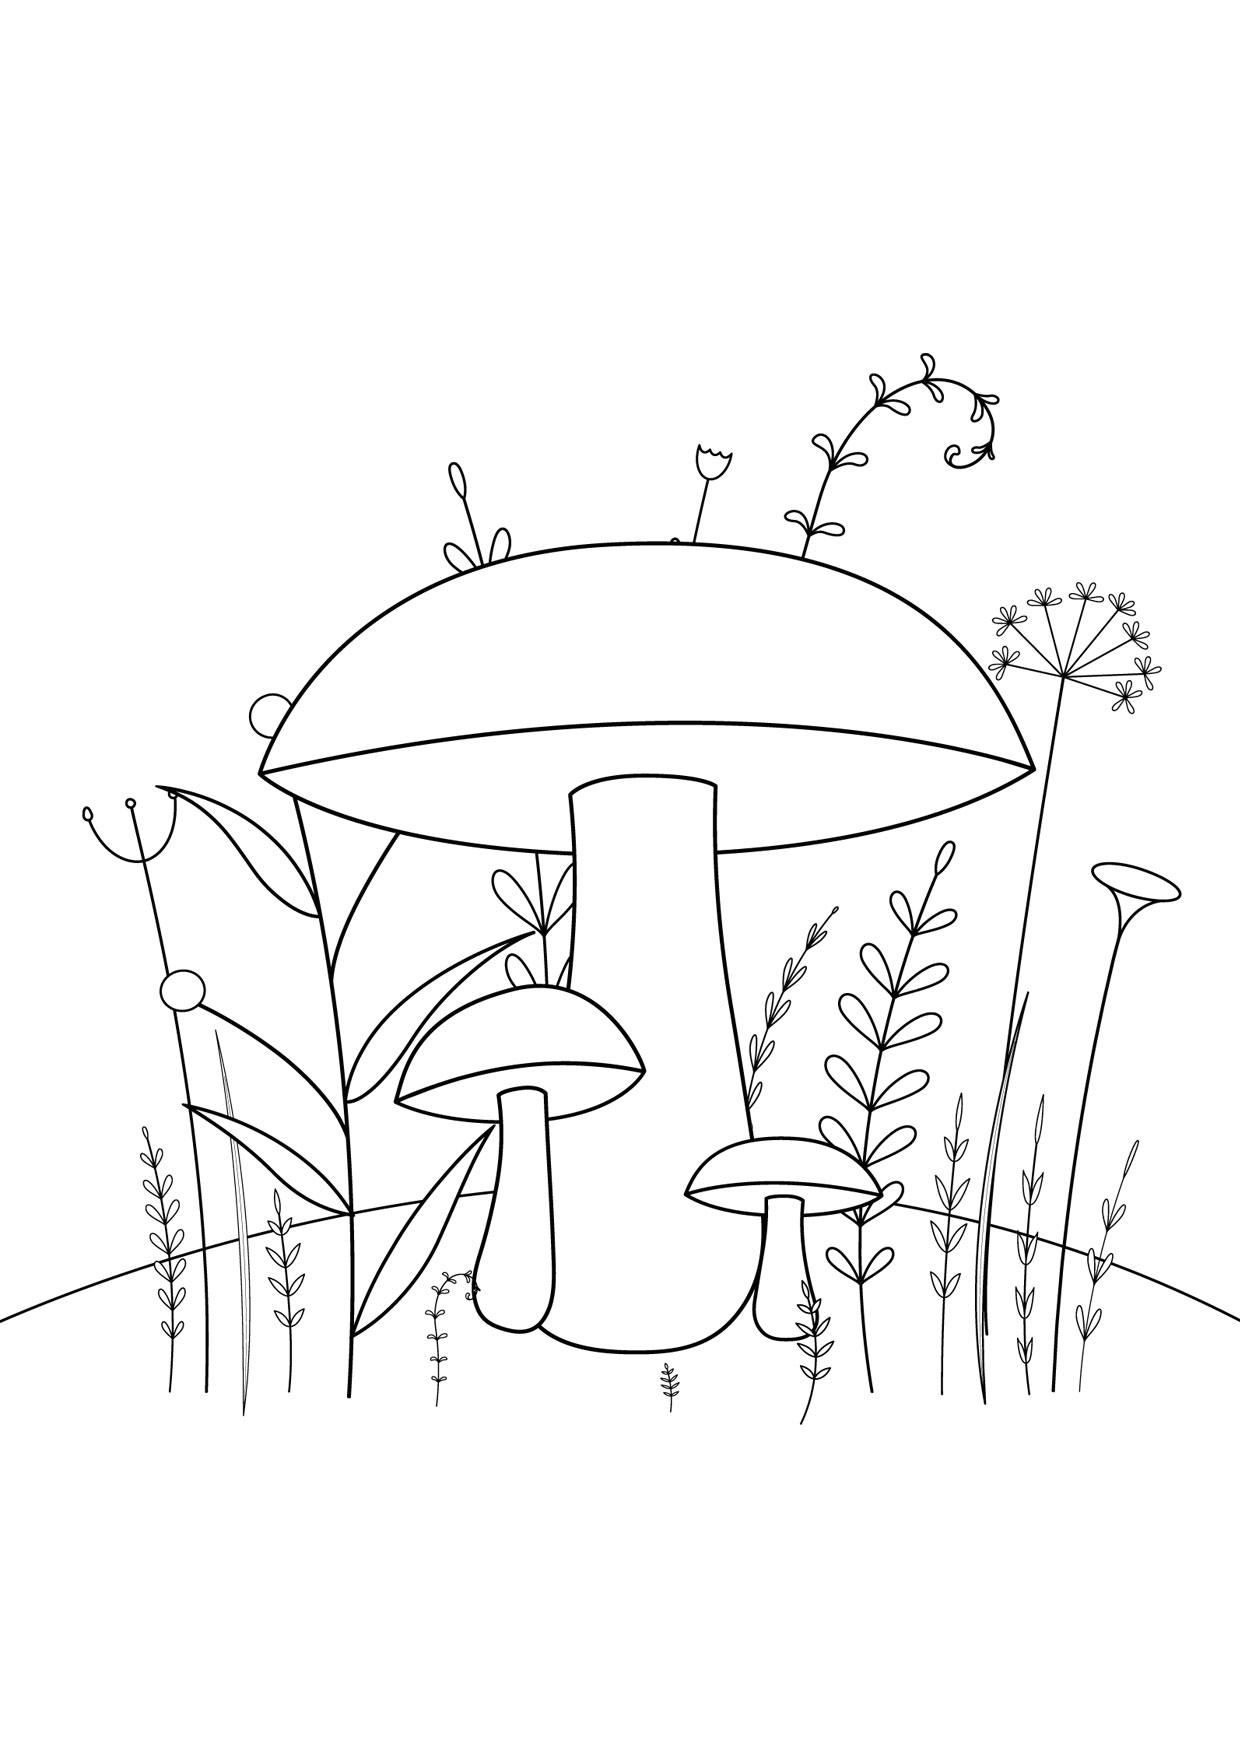 Disegno di funghi da colorare 06